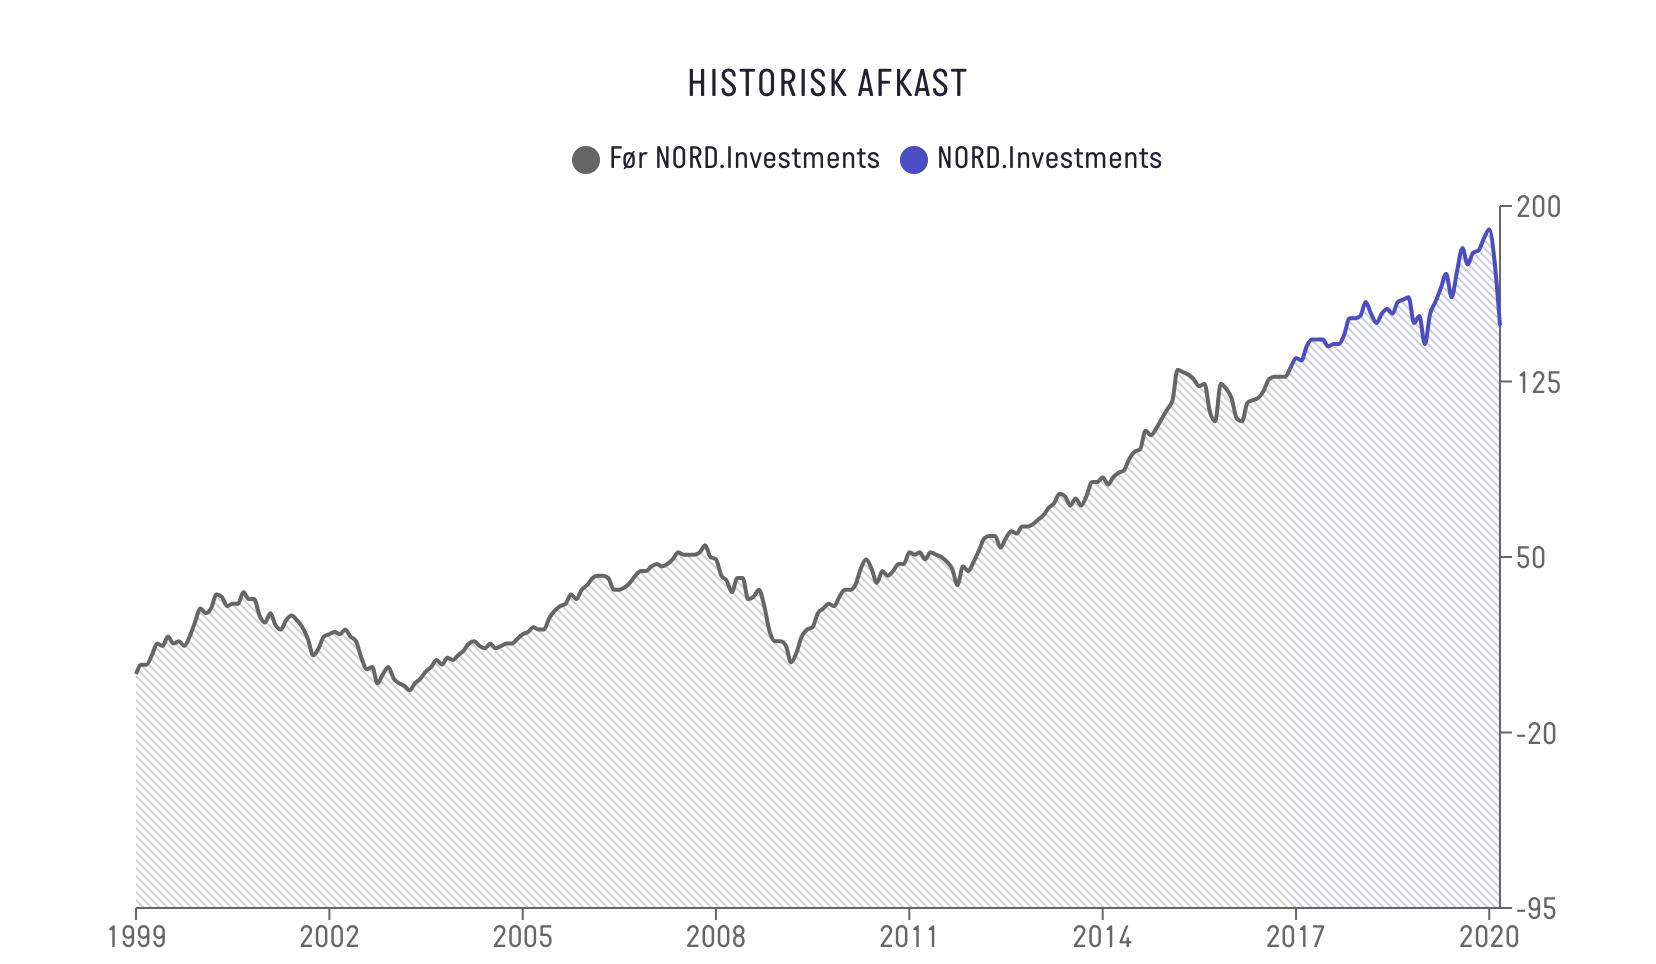 historisk afkast nord.investments